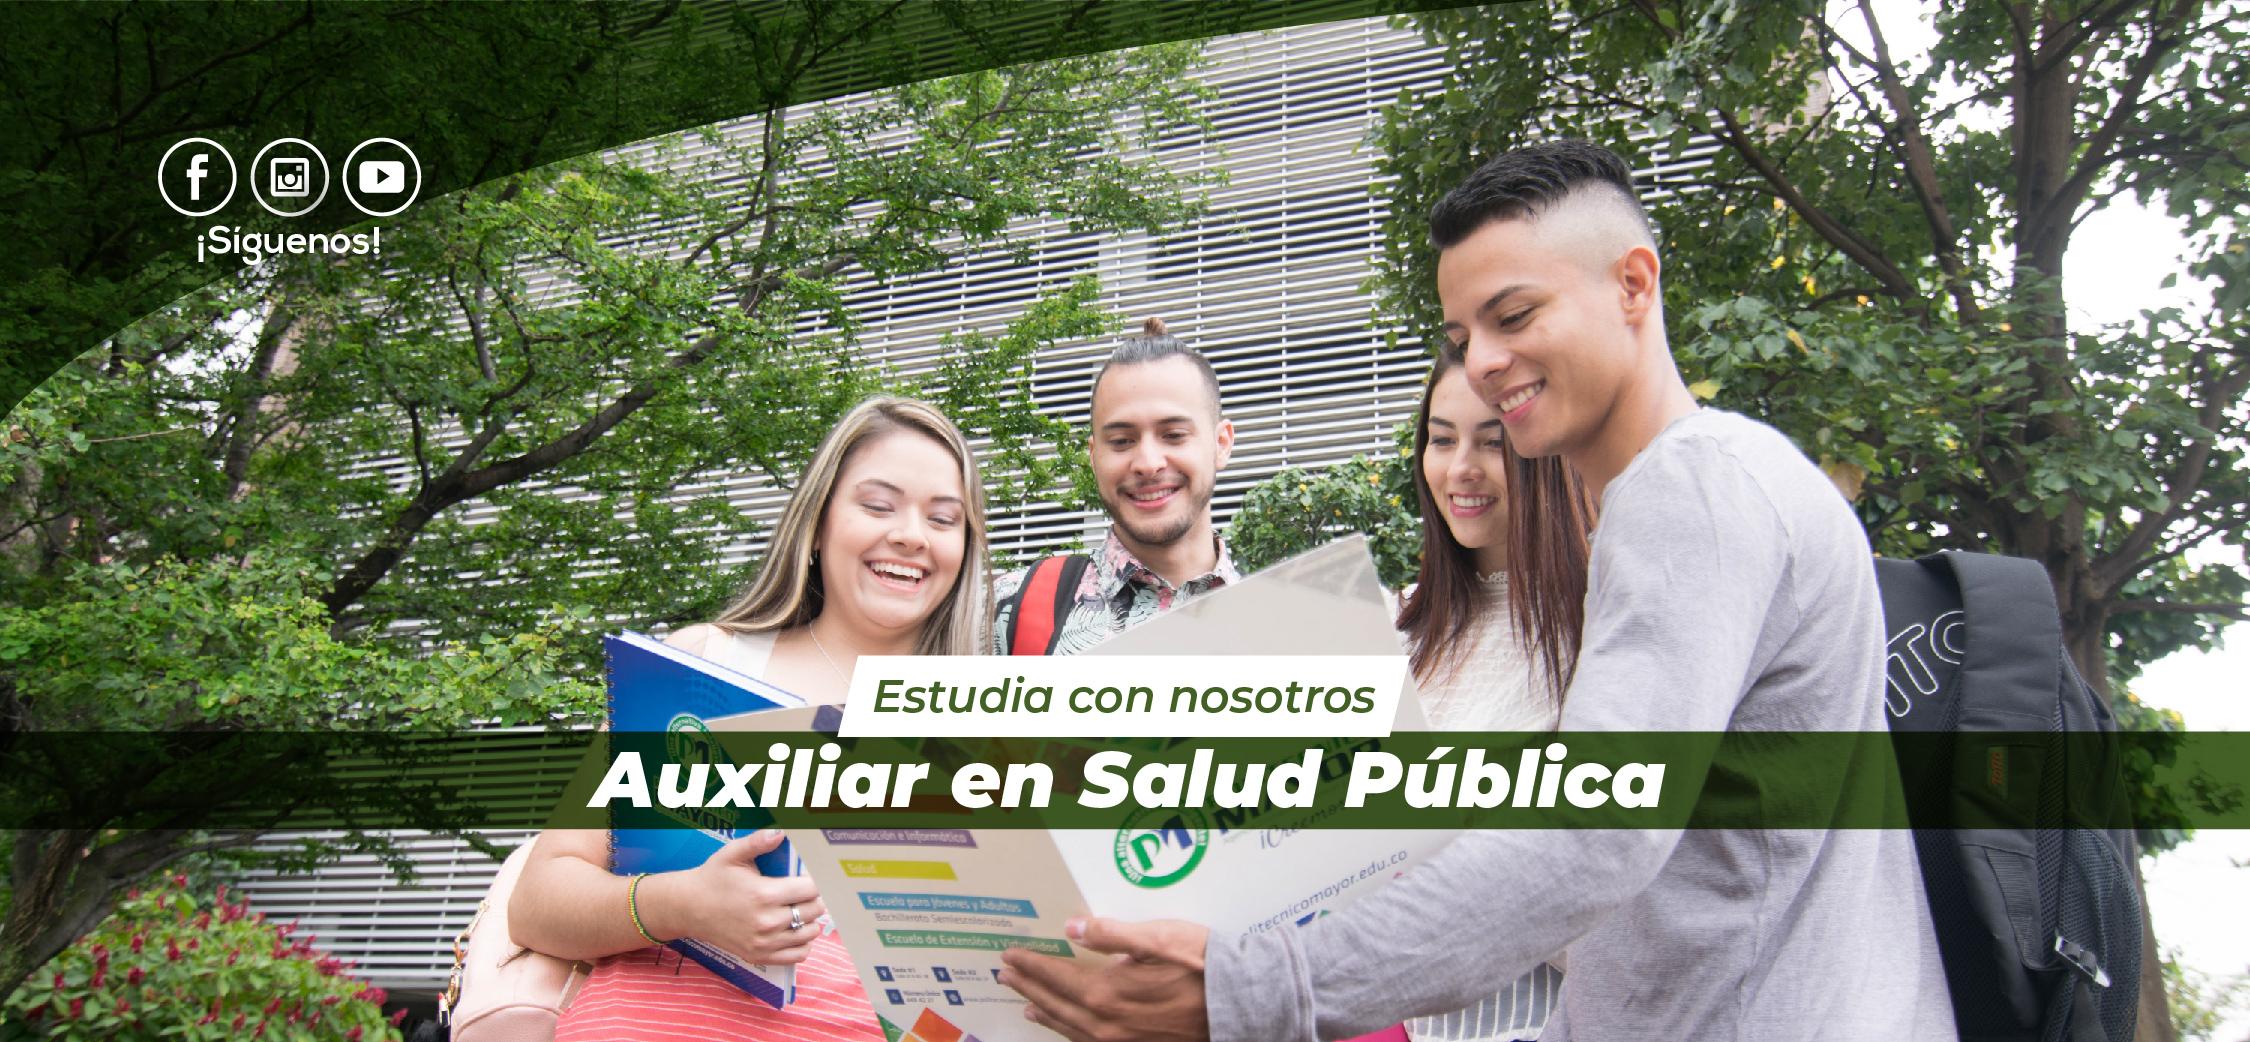 Slides_de_programas_tcnicos-01